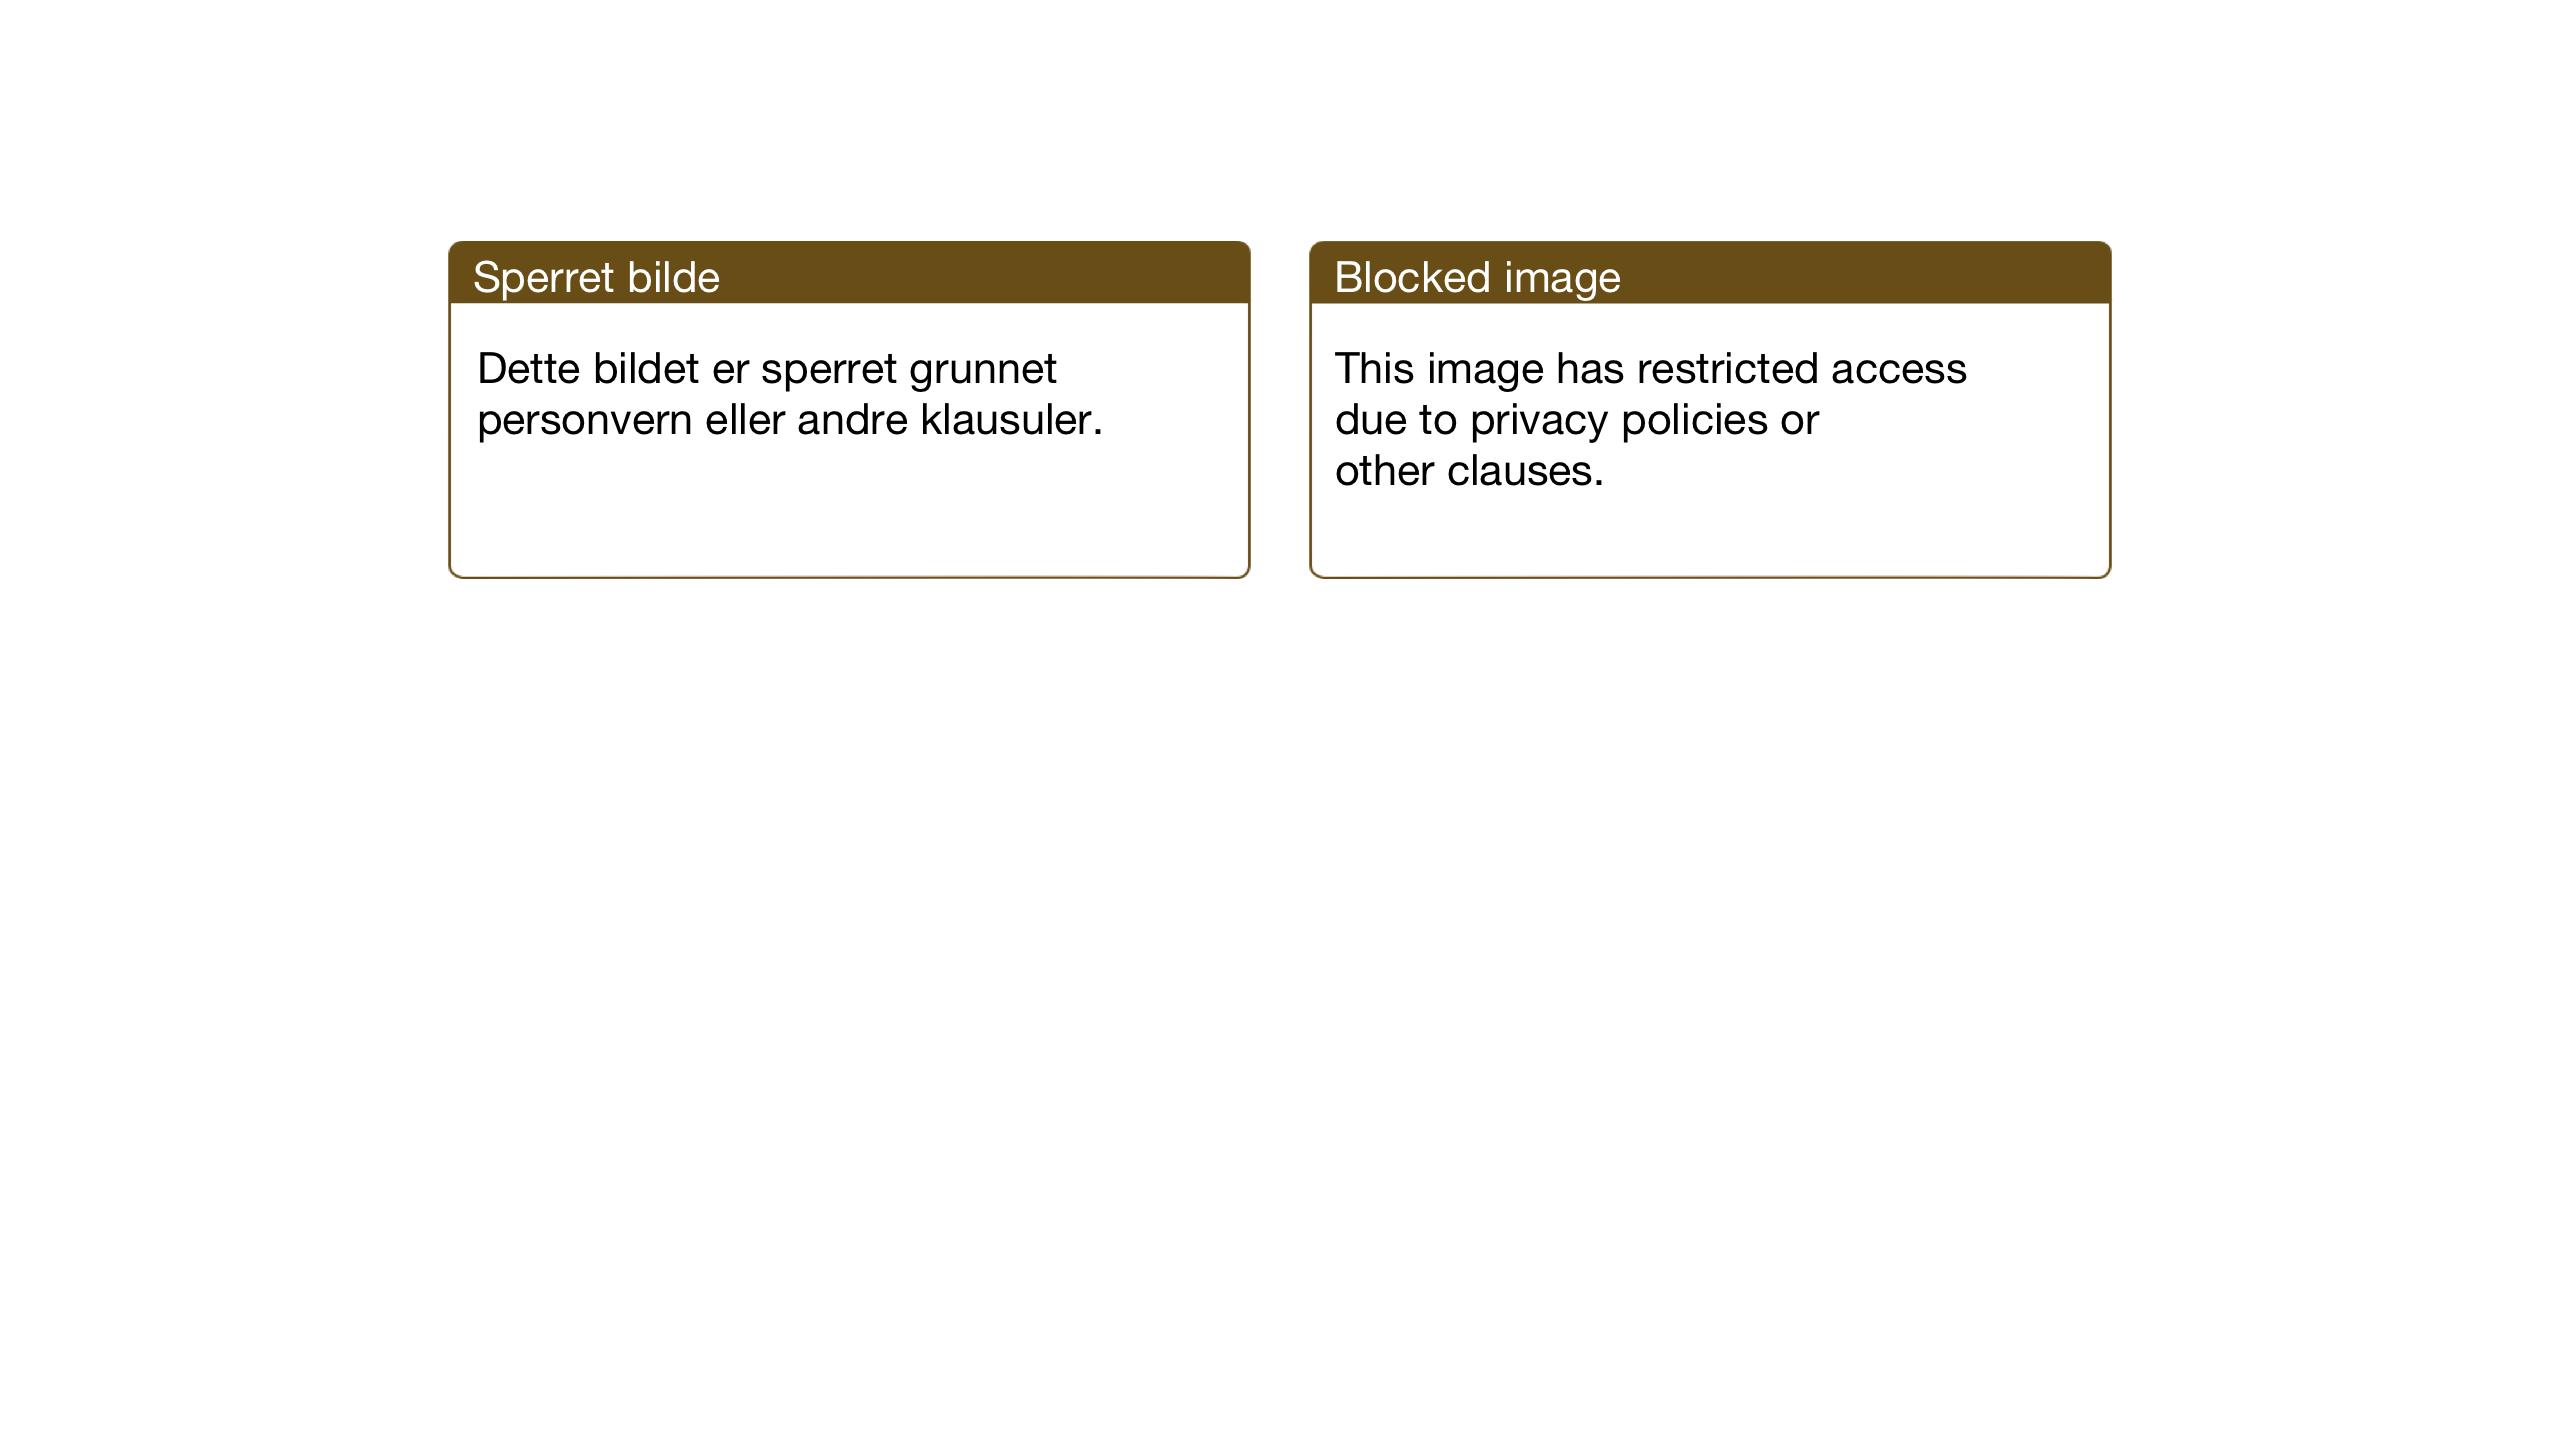 SAT, Ministerialprotokoller, klokkerbøker og fødselsregistre - Nord-Trøndelag, 744/L0425: Klokkerbok nr. 744C04, 1924-1947, s. 36